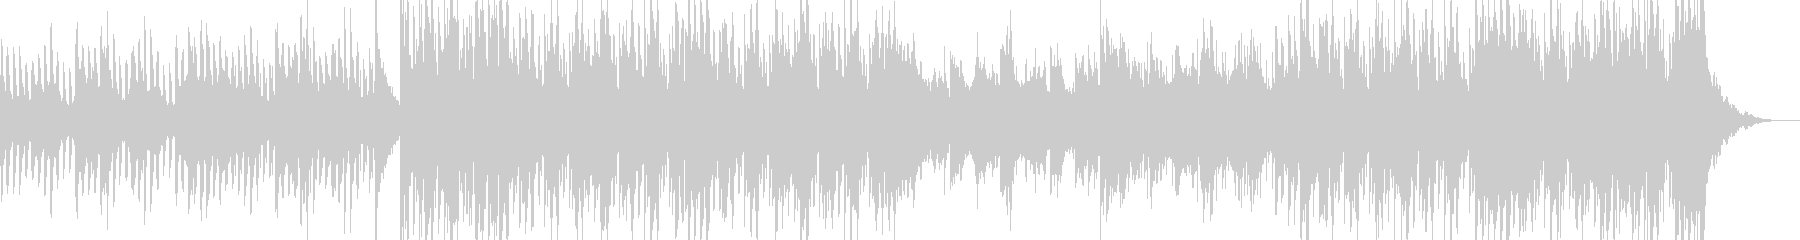 ピアノCM映像用の曲企業VP優しい爽やかの未再生の波形